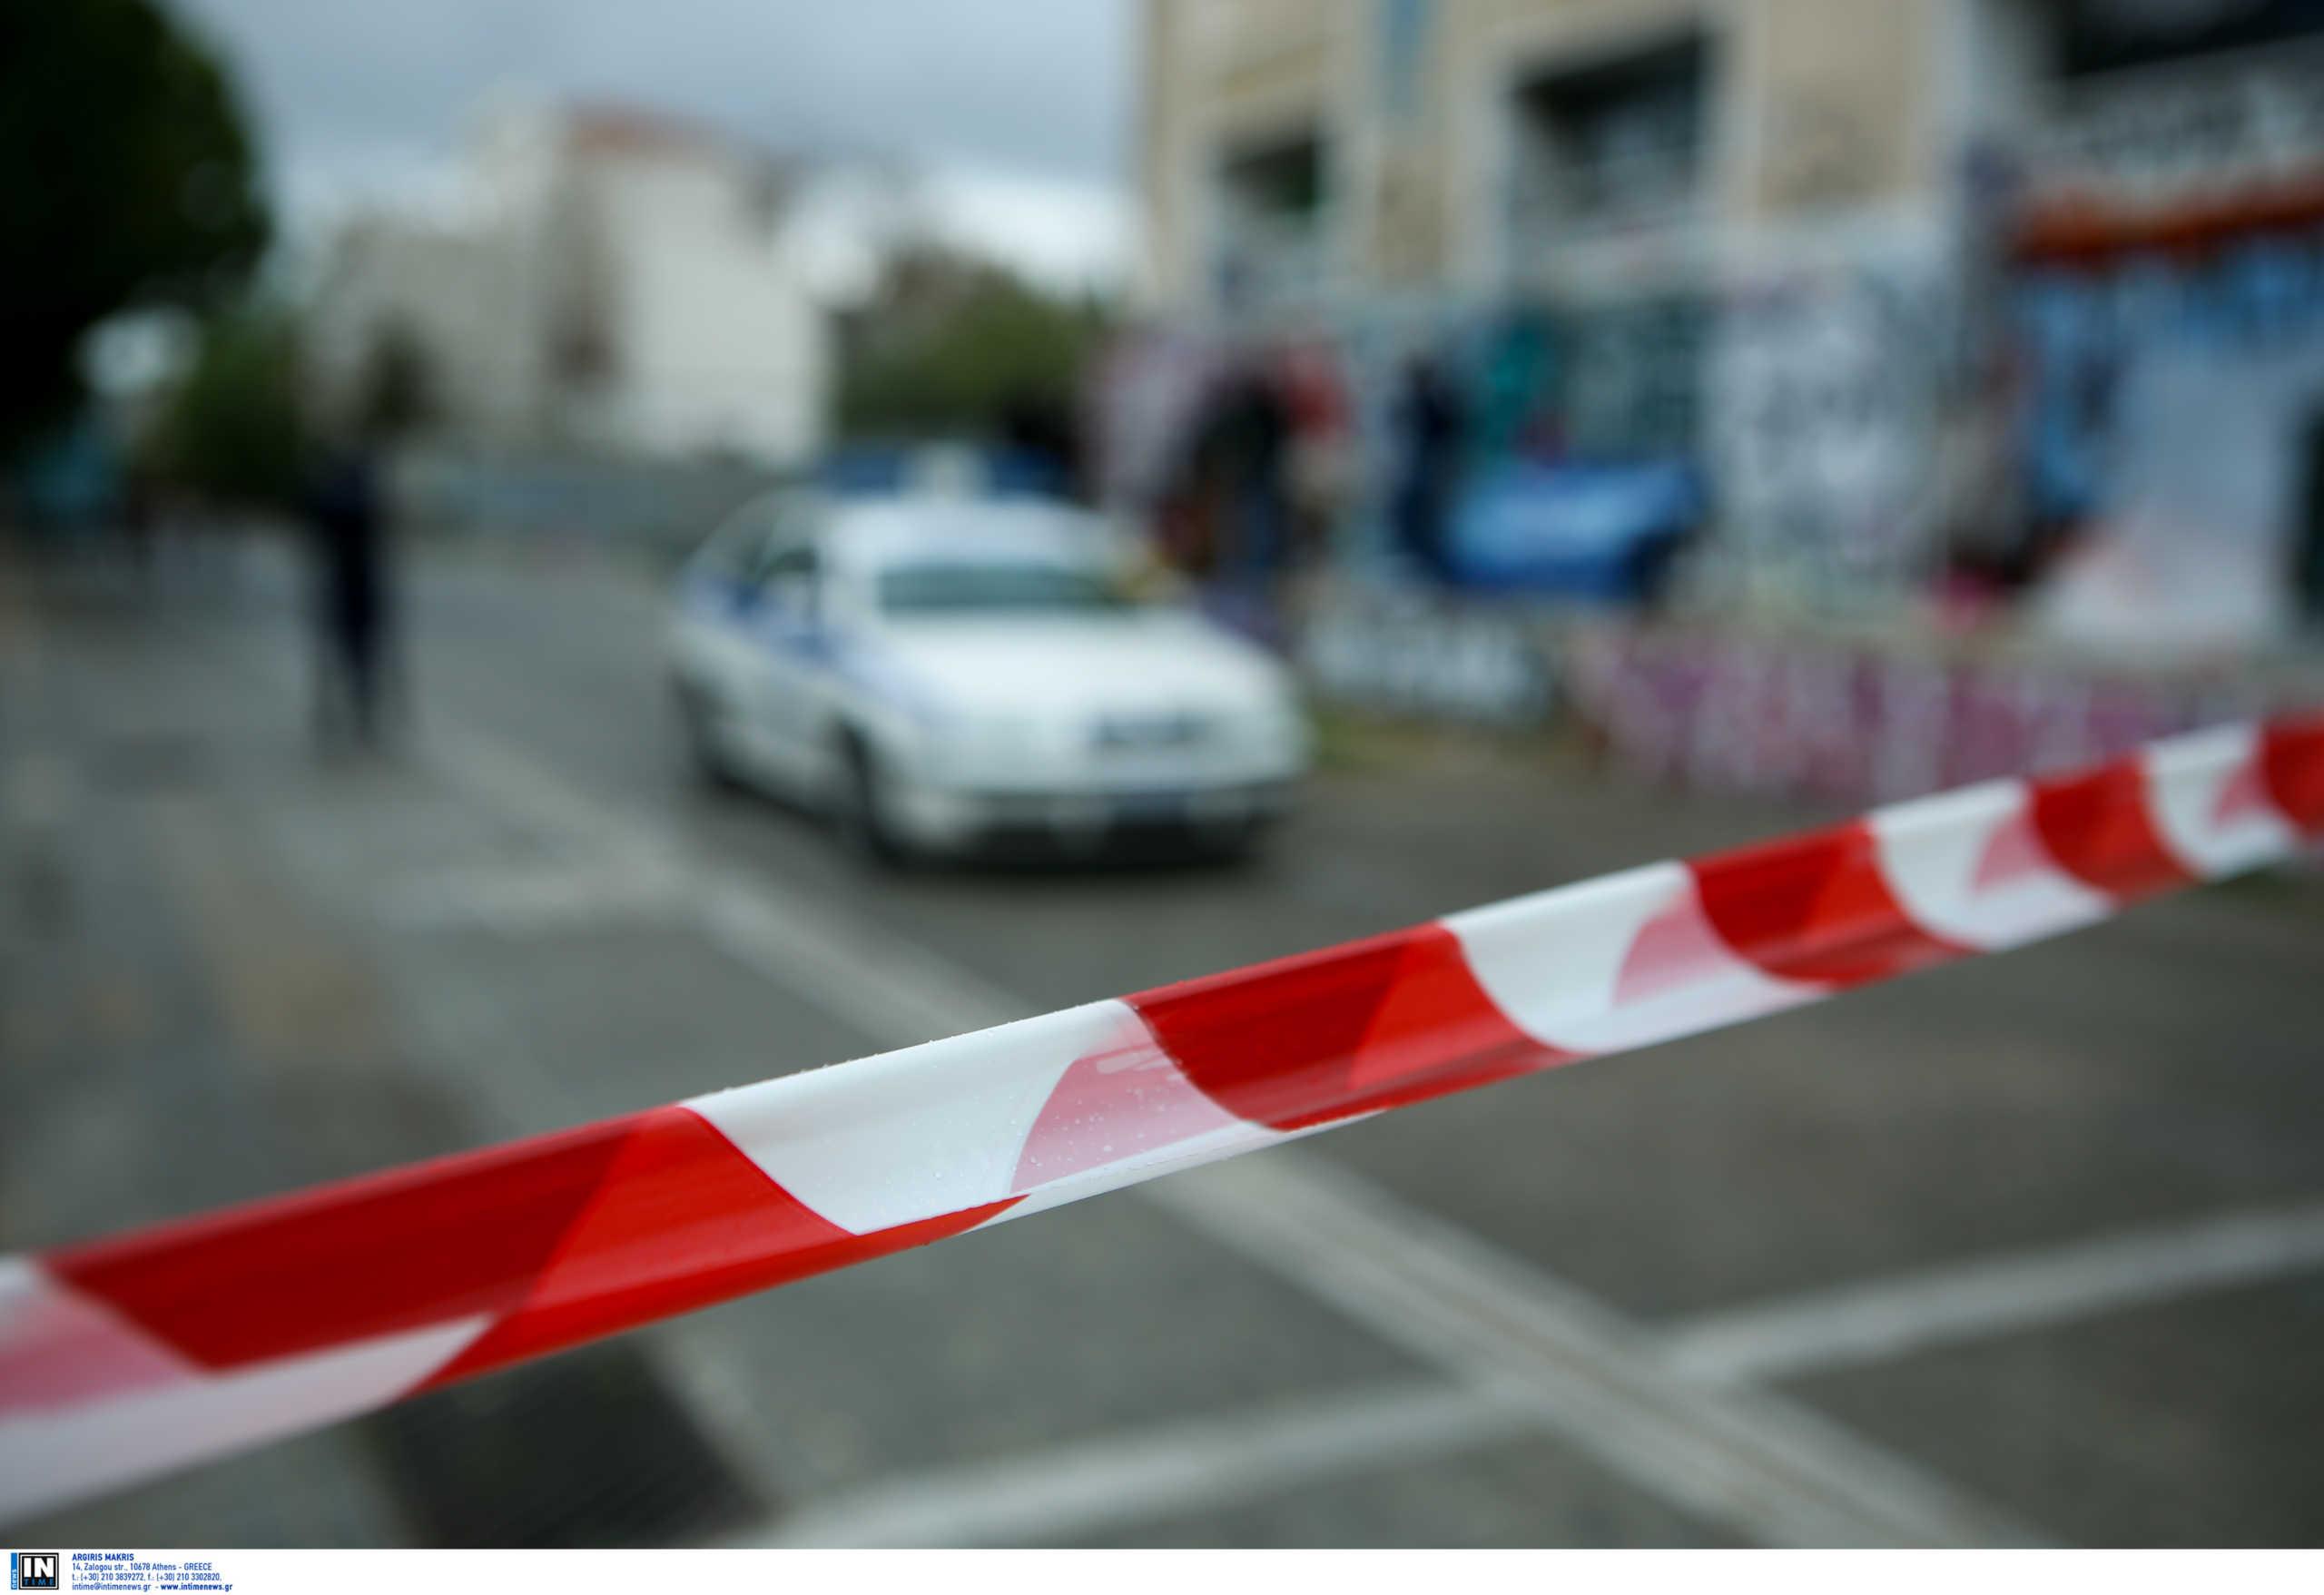 Θήβα: Εκκενώθηκε τράπεζα μετά από τηλεφώνημα για βόμβα! Σε εξέλιξη οι έρευνες (Βίντεο)